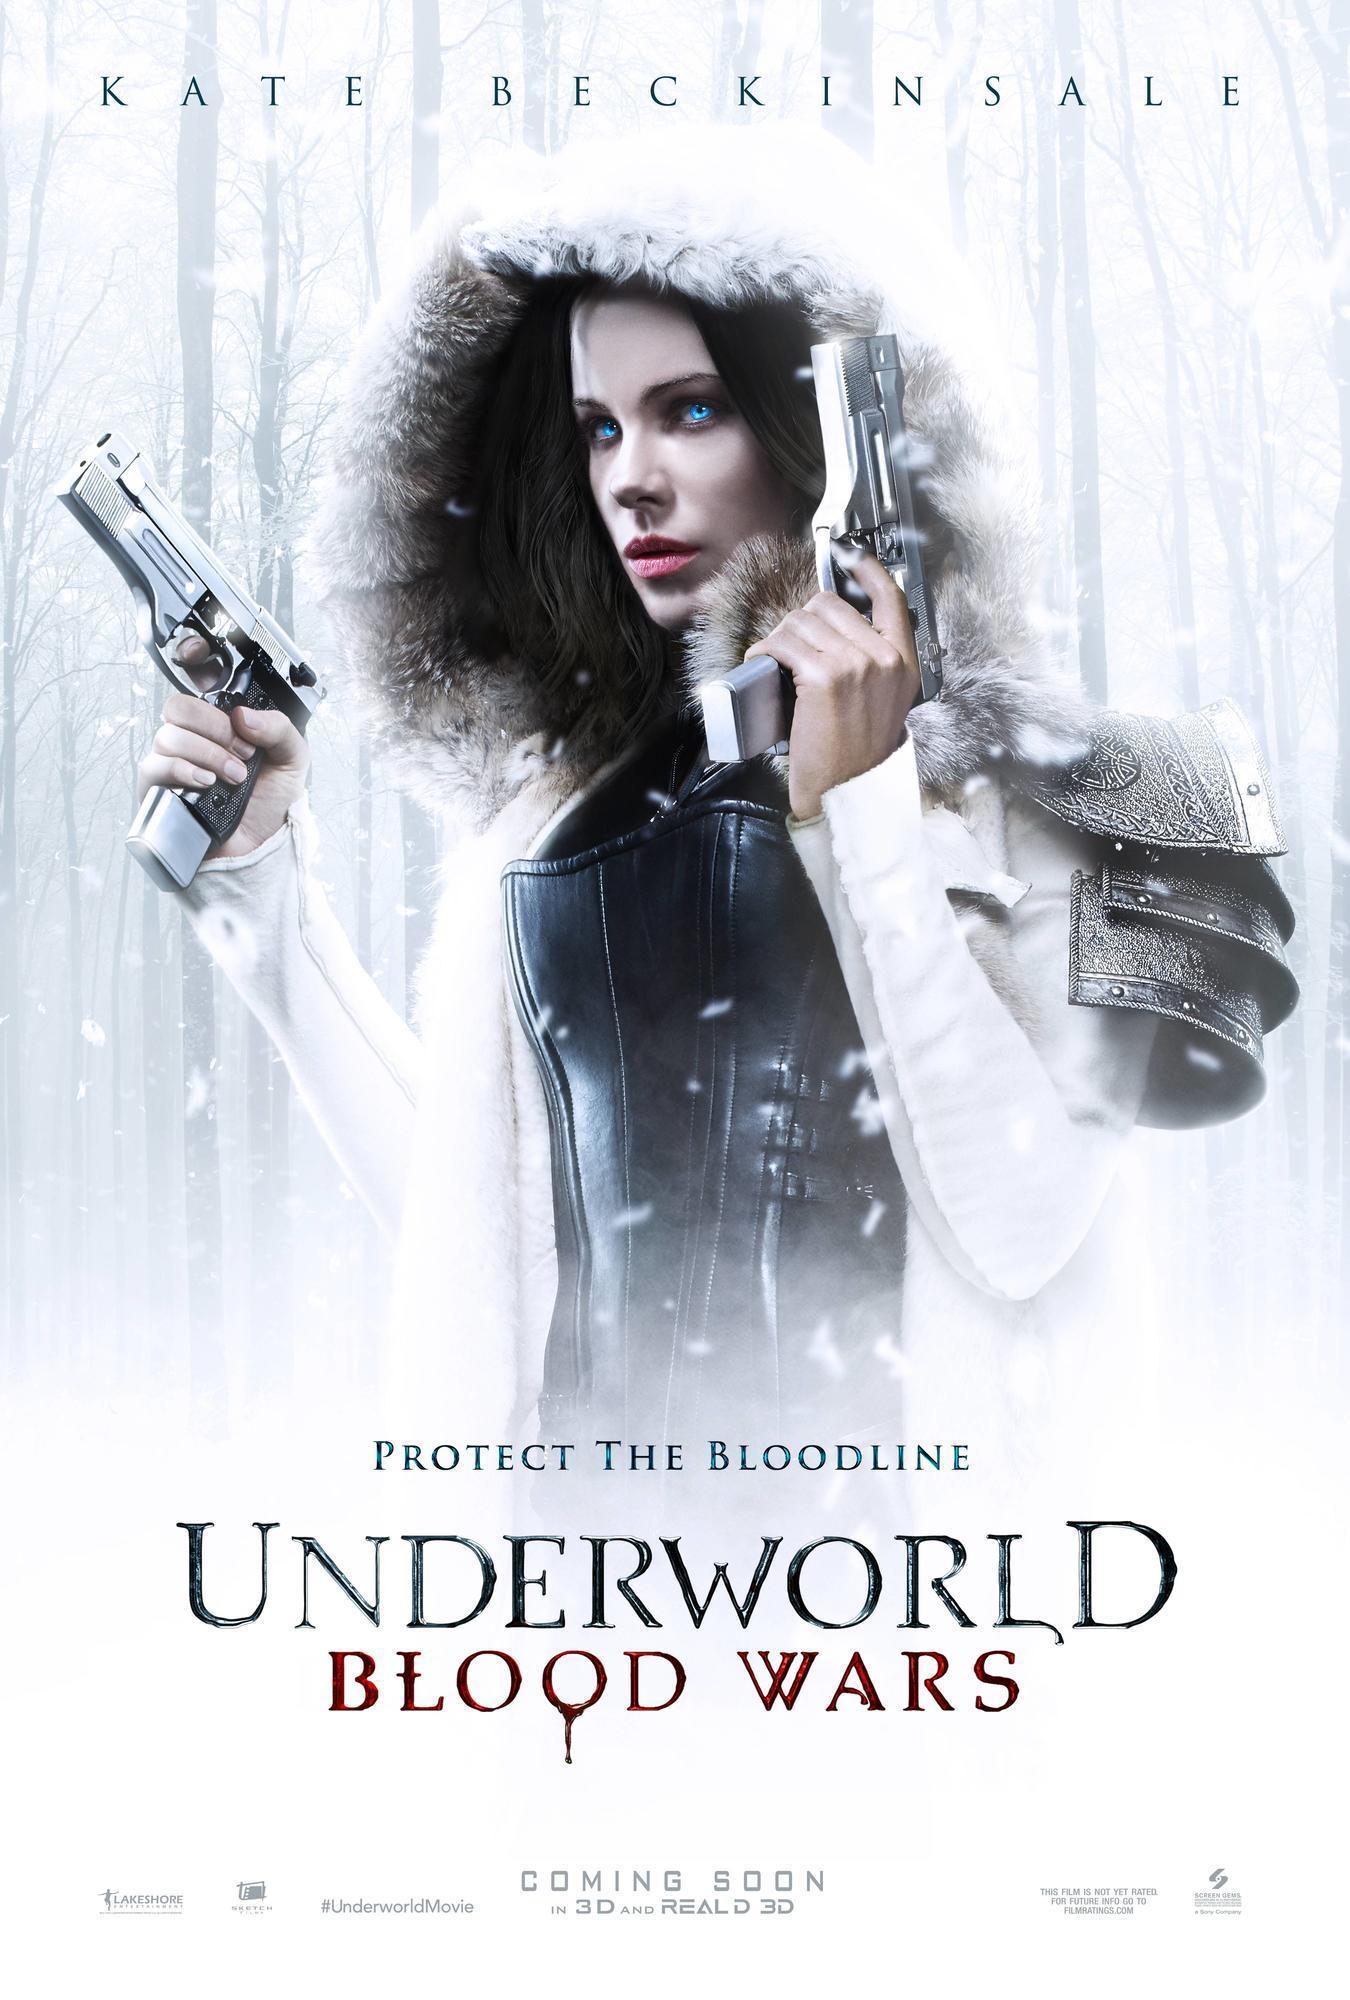 凯特·贝金赛尔《黑夜传说5:血战》(Underworld: Blood Wars)最新预告片